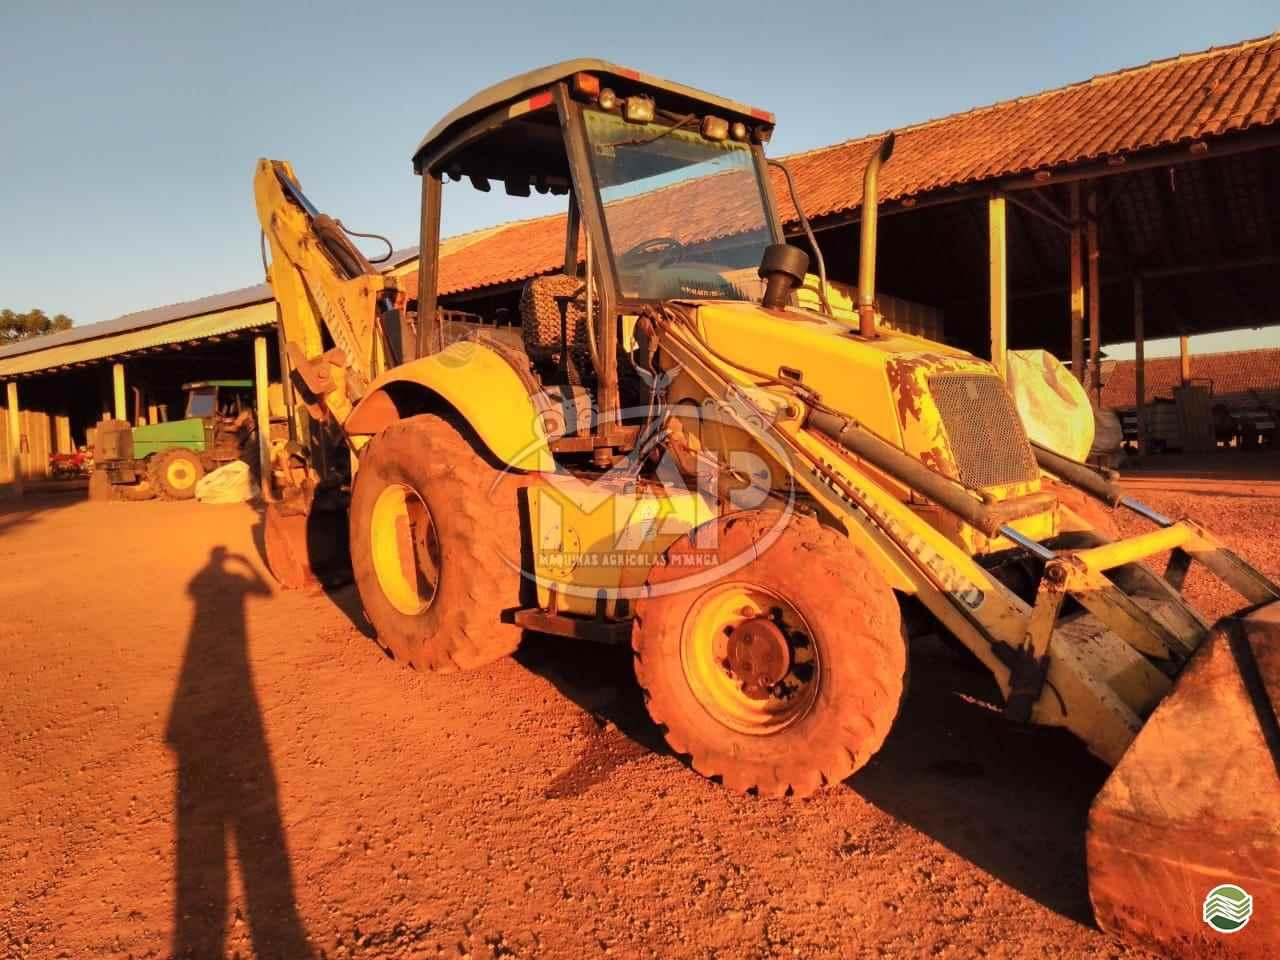 RETRO ESCAVADEIRA NEW HOLLAND LB110 Tração 4x4 Máquinas Agrícolas Pitanga PITANGA PARANÁ PR